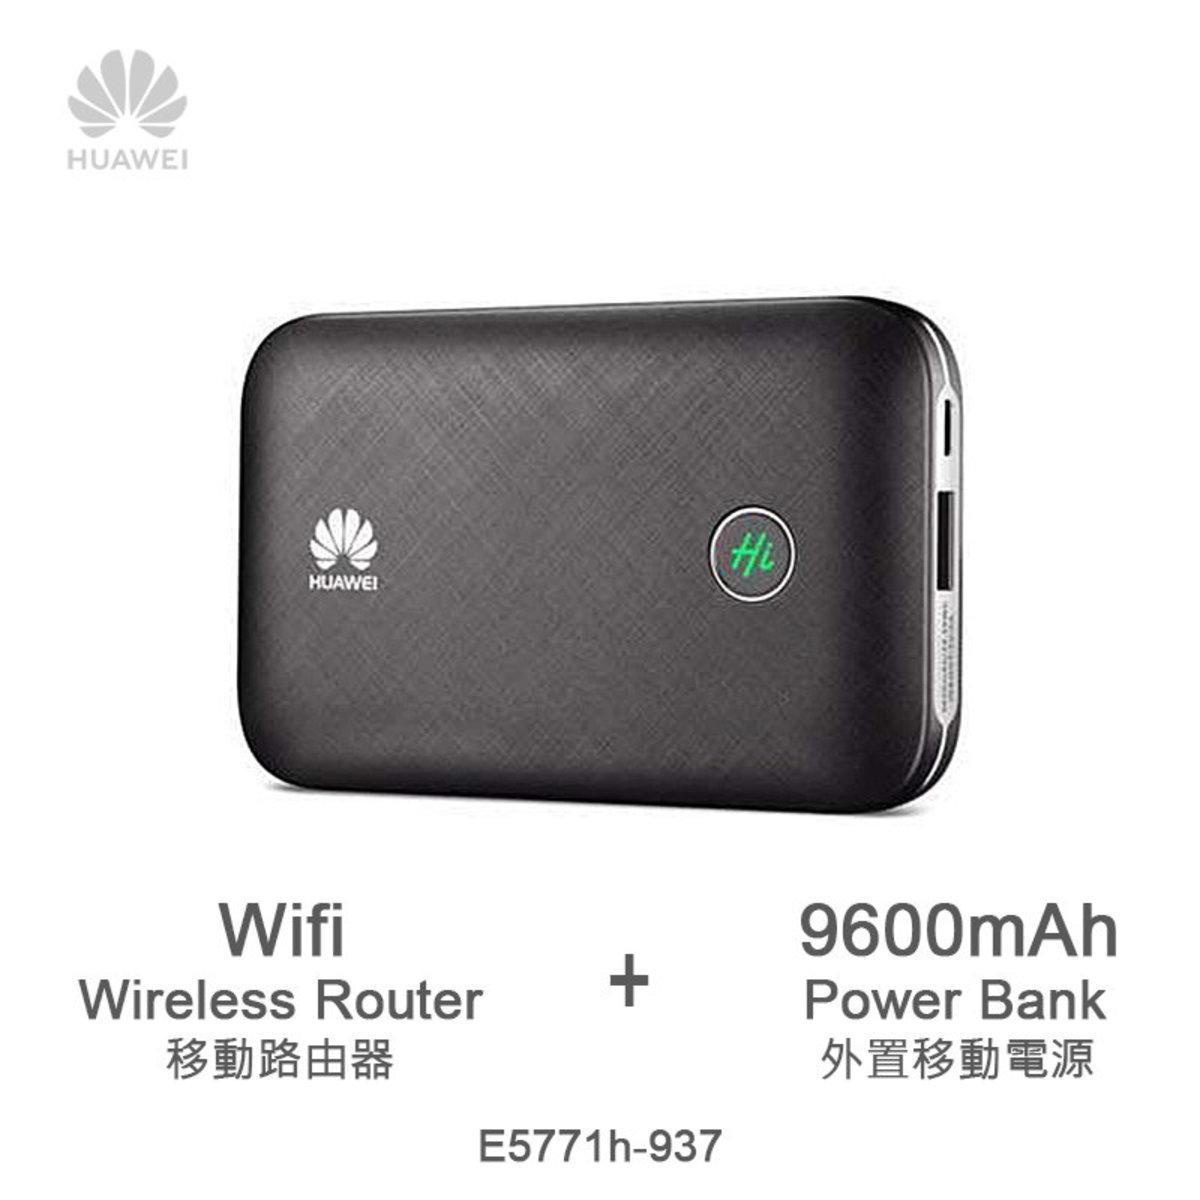 華為 E5771h-937  4G 全球移動Wifi路由器 帶 9600mAh 外置移動電源